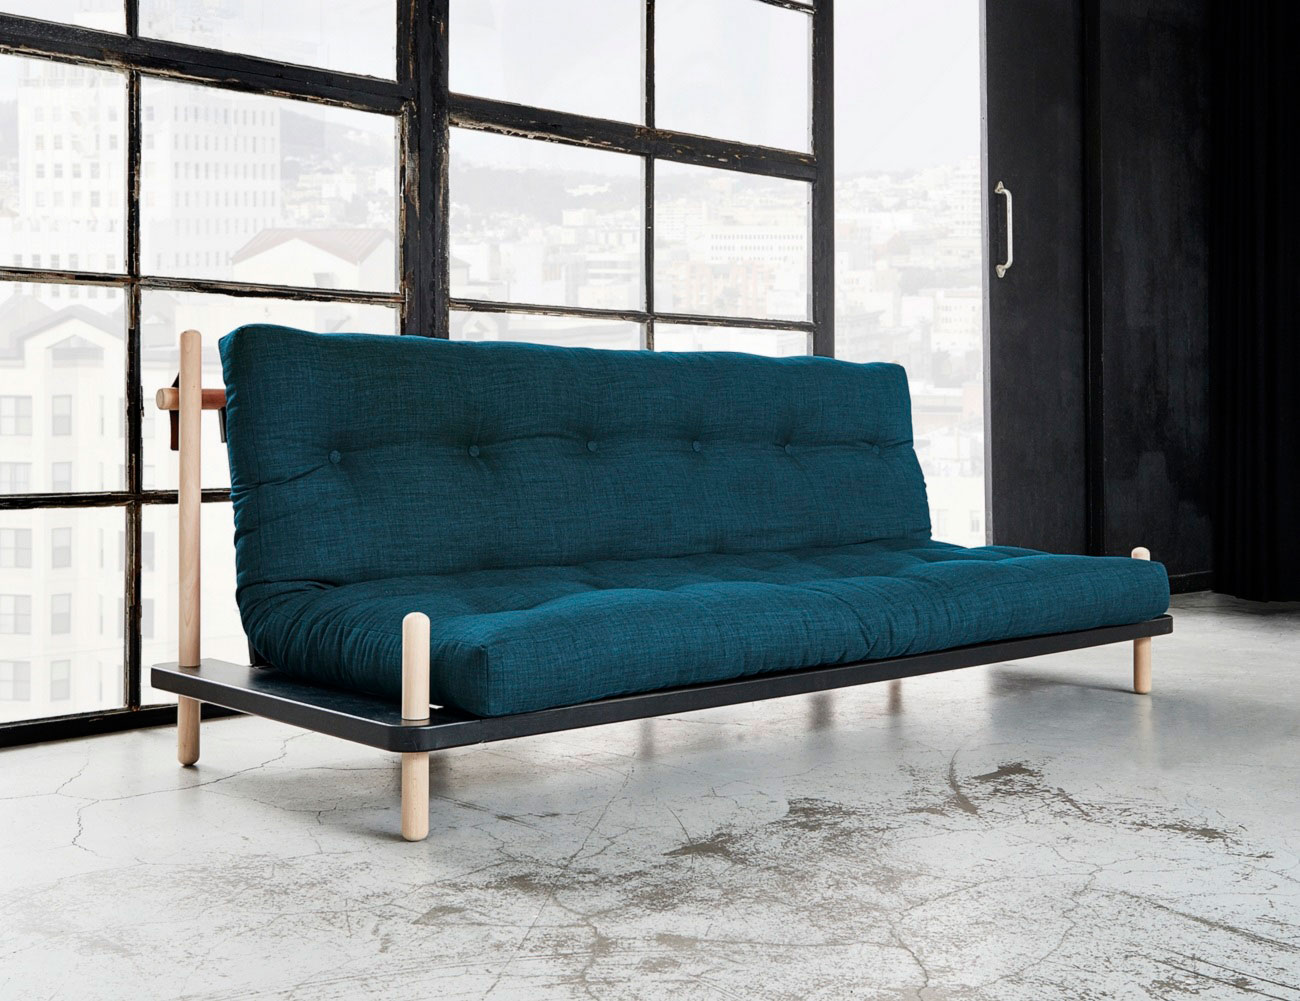 Indie Sofa Bed by Karup